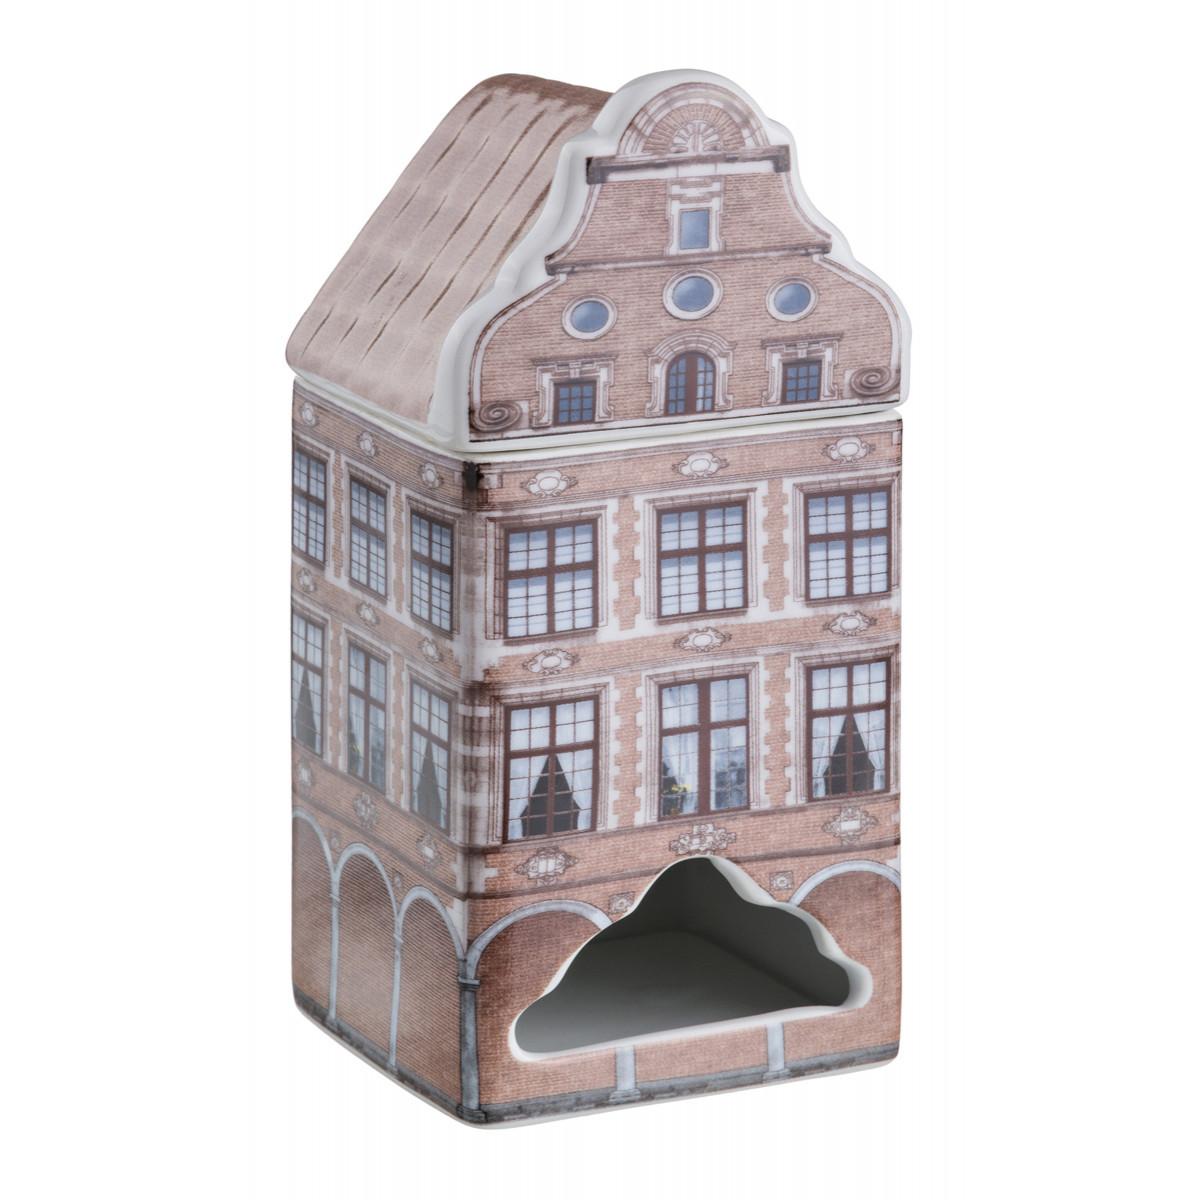 Хранение продуктов Lefard Подставка для кухни Montague (18 см) lefard салатник lotte 18 см